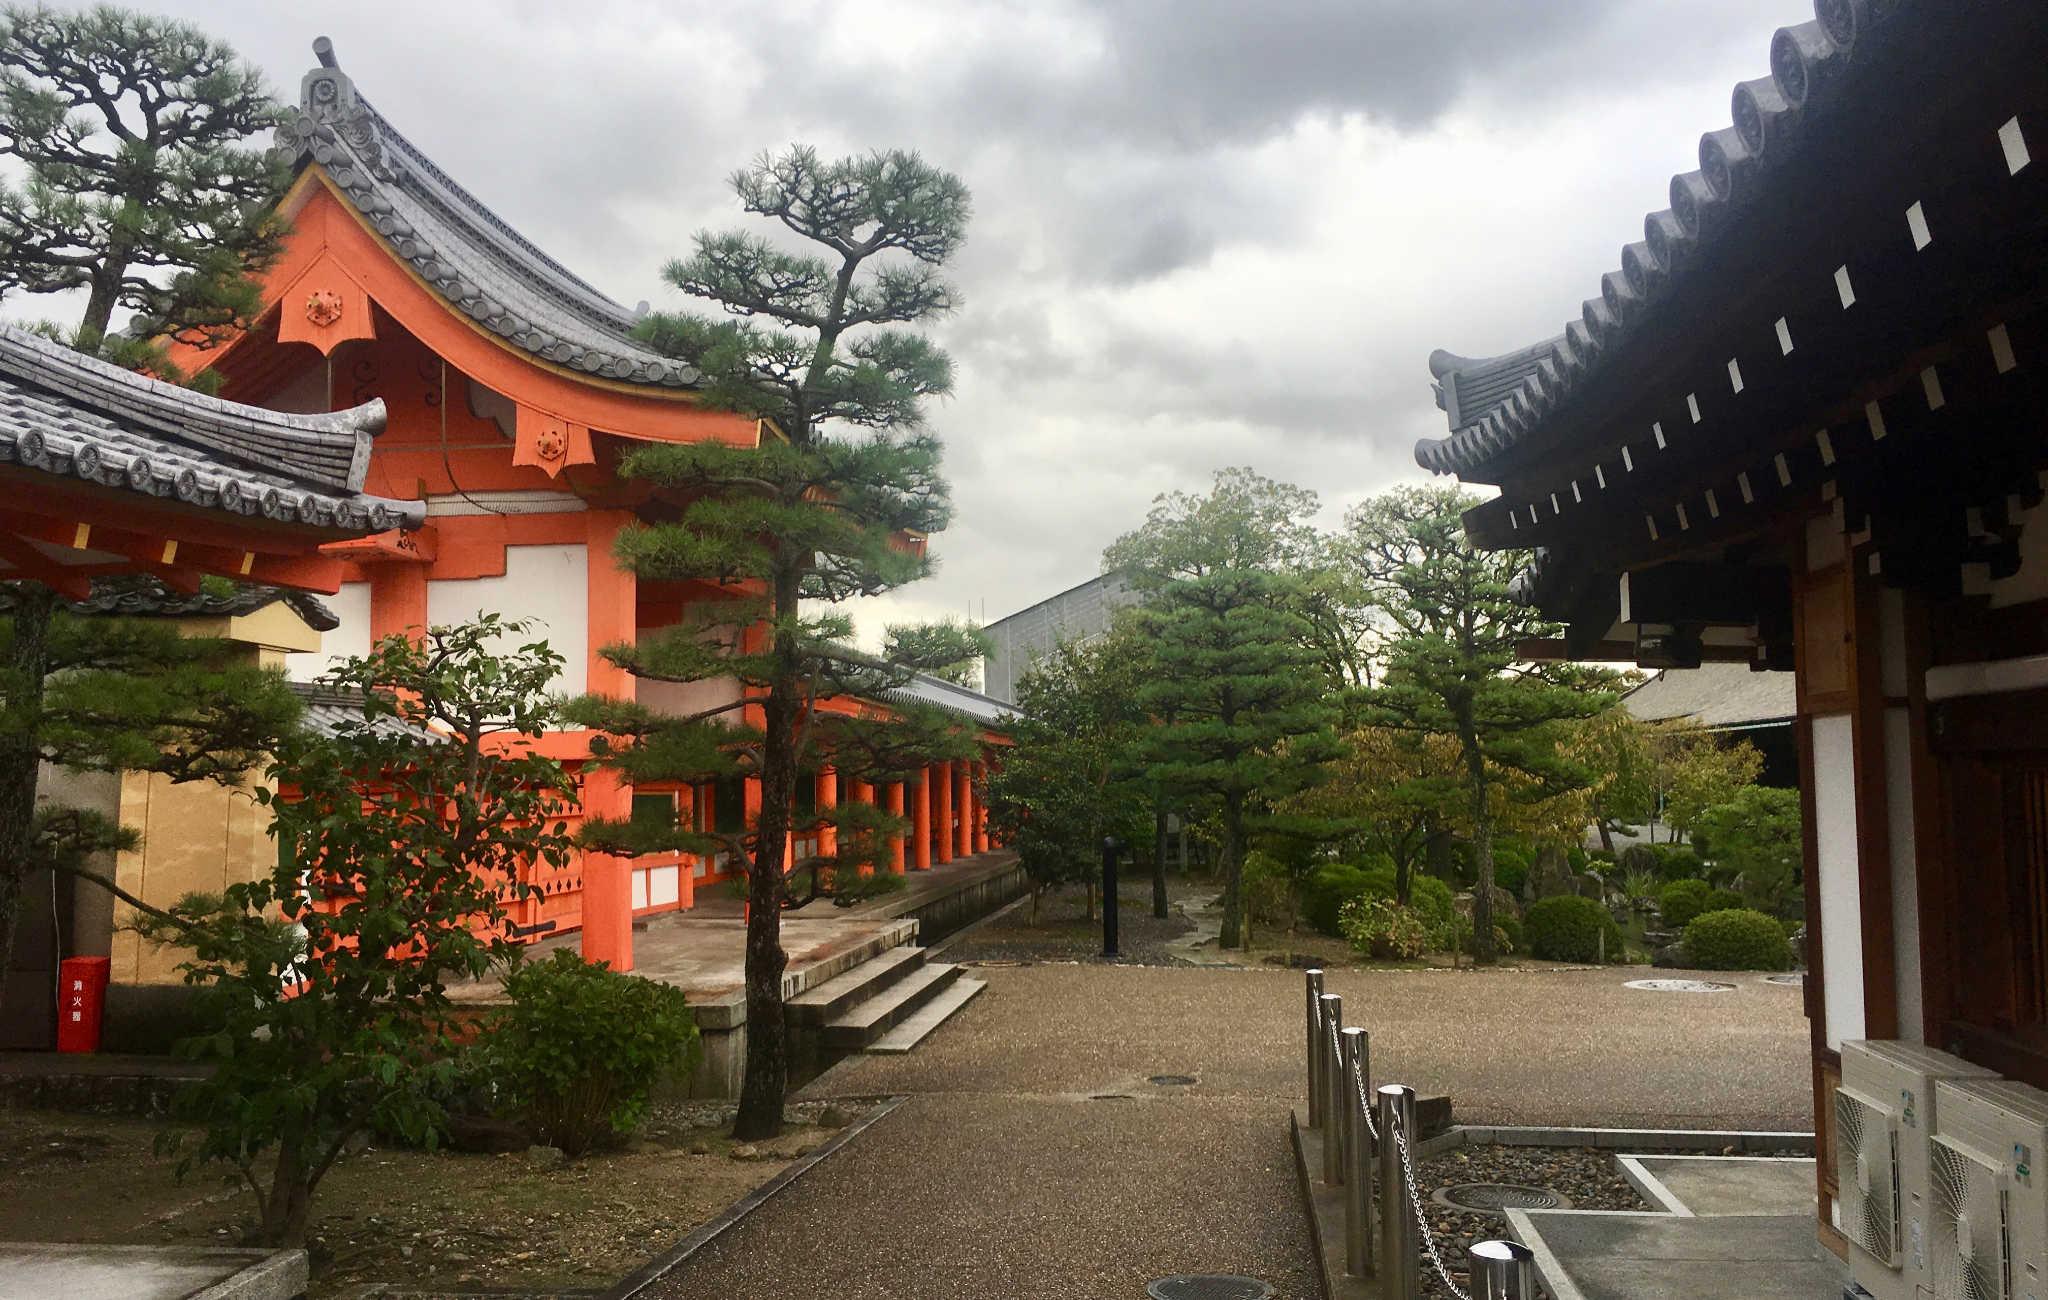 Dans l'enceinte du temple, plusieurs bâtiments et de nombreux pins